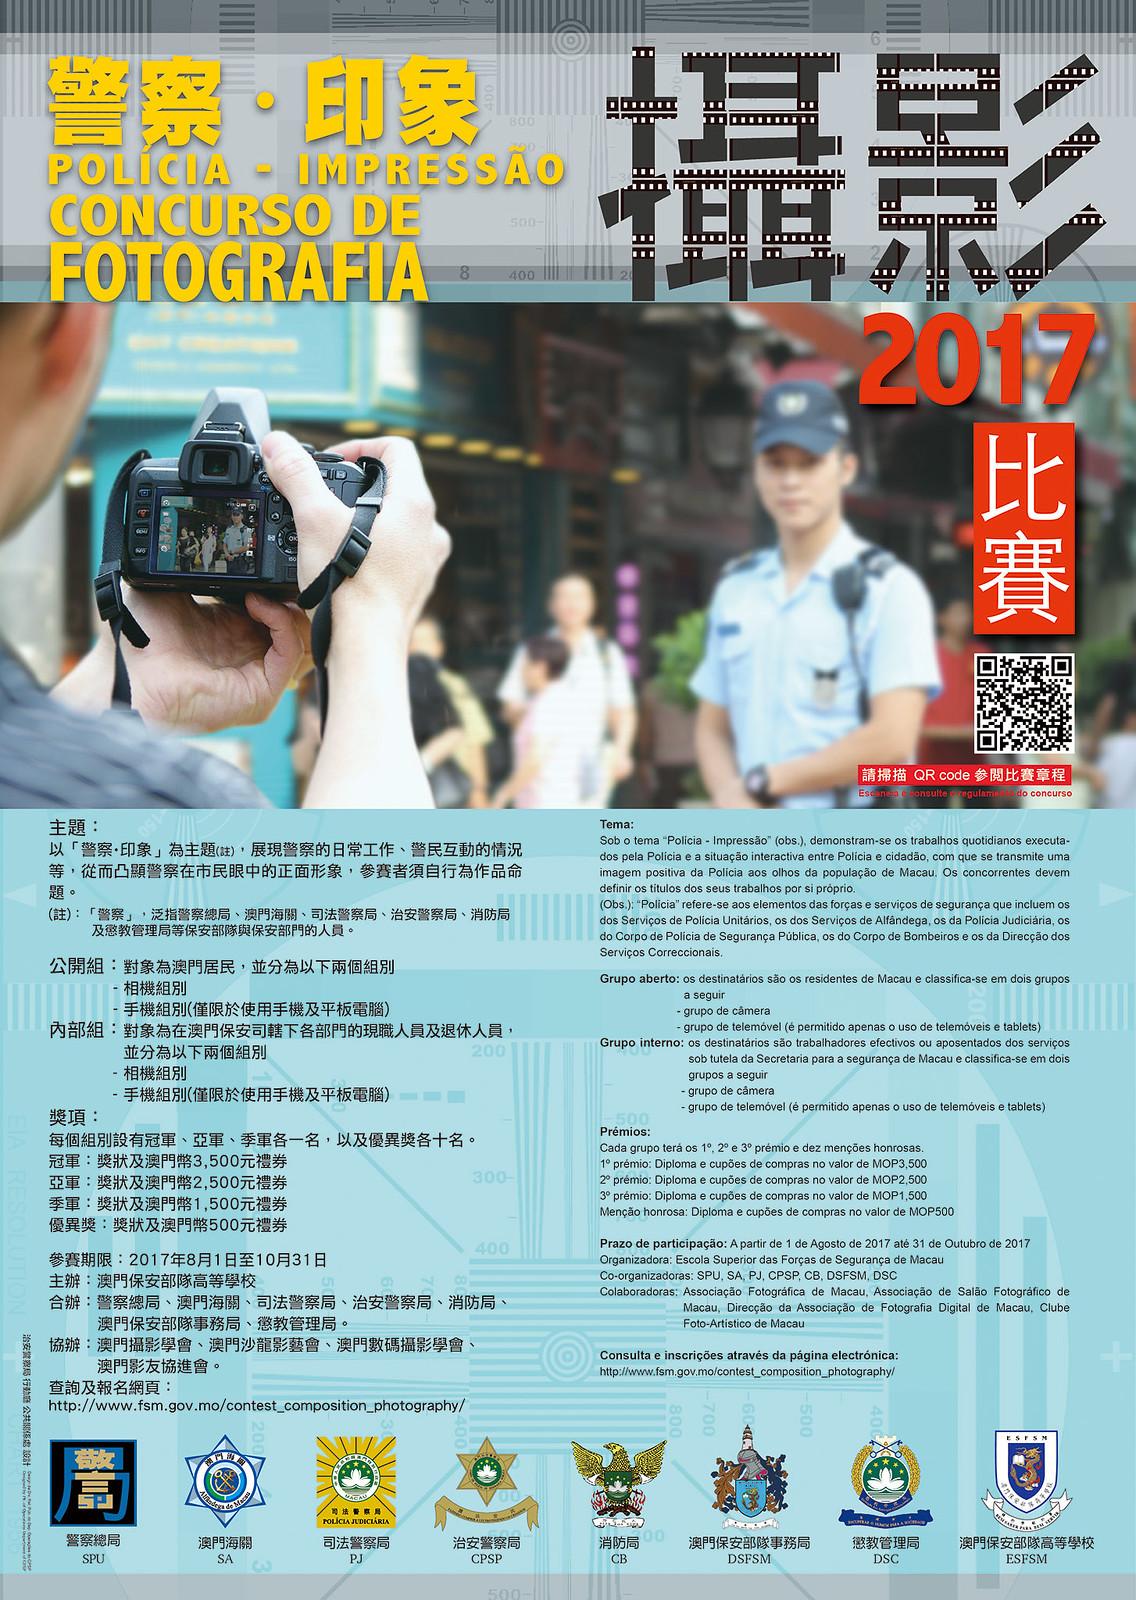 高校_2017_攝影及徵文比賽_poster_v14